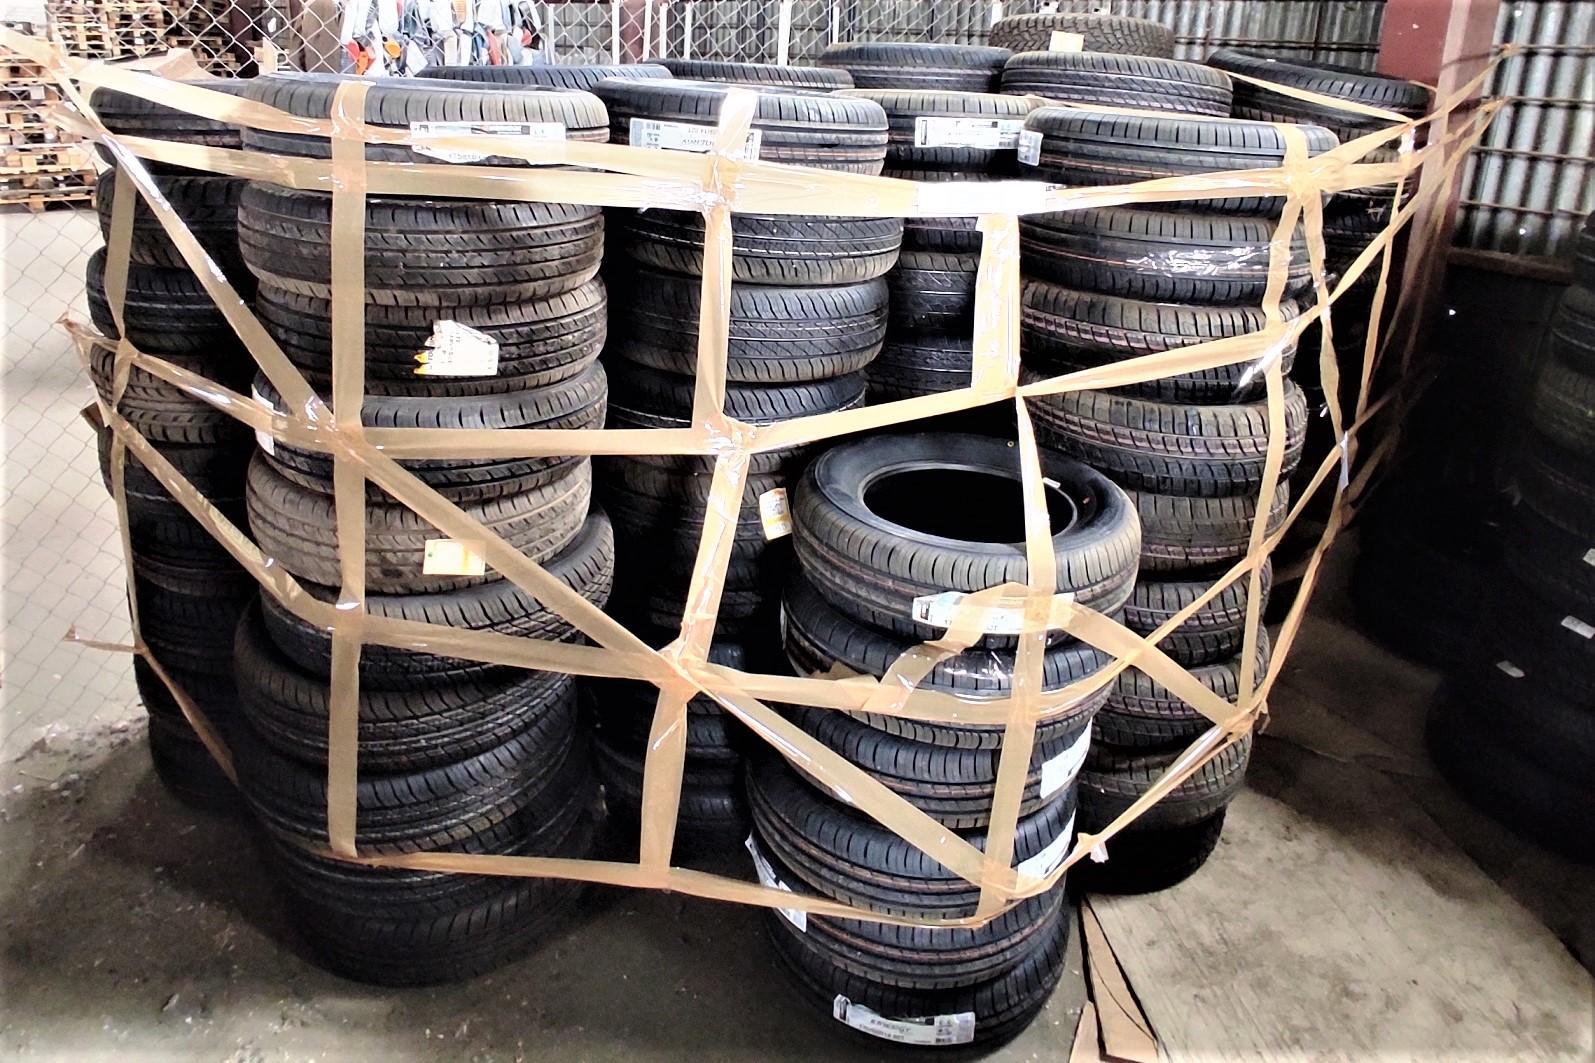 Астраханские таможенники арестовали незаконно реализуемые шины